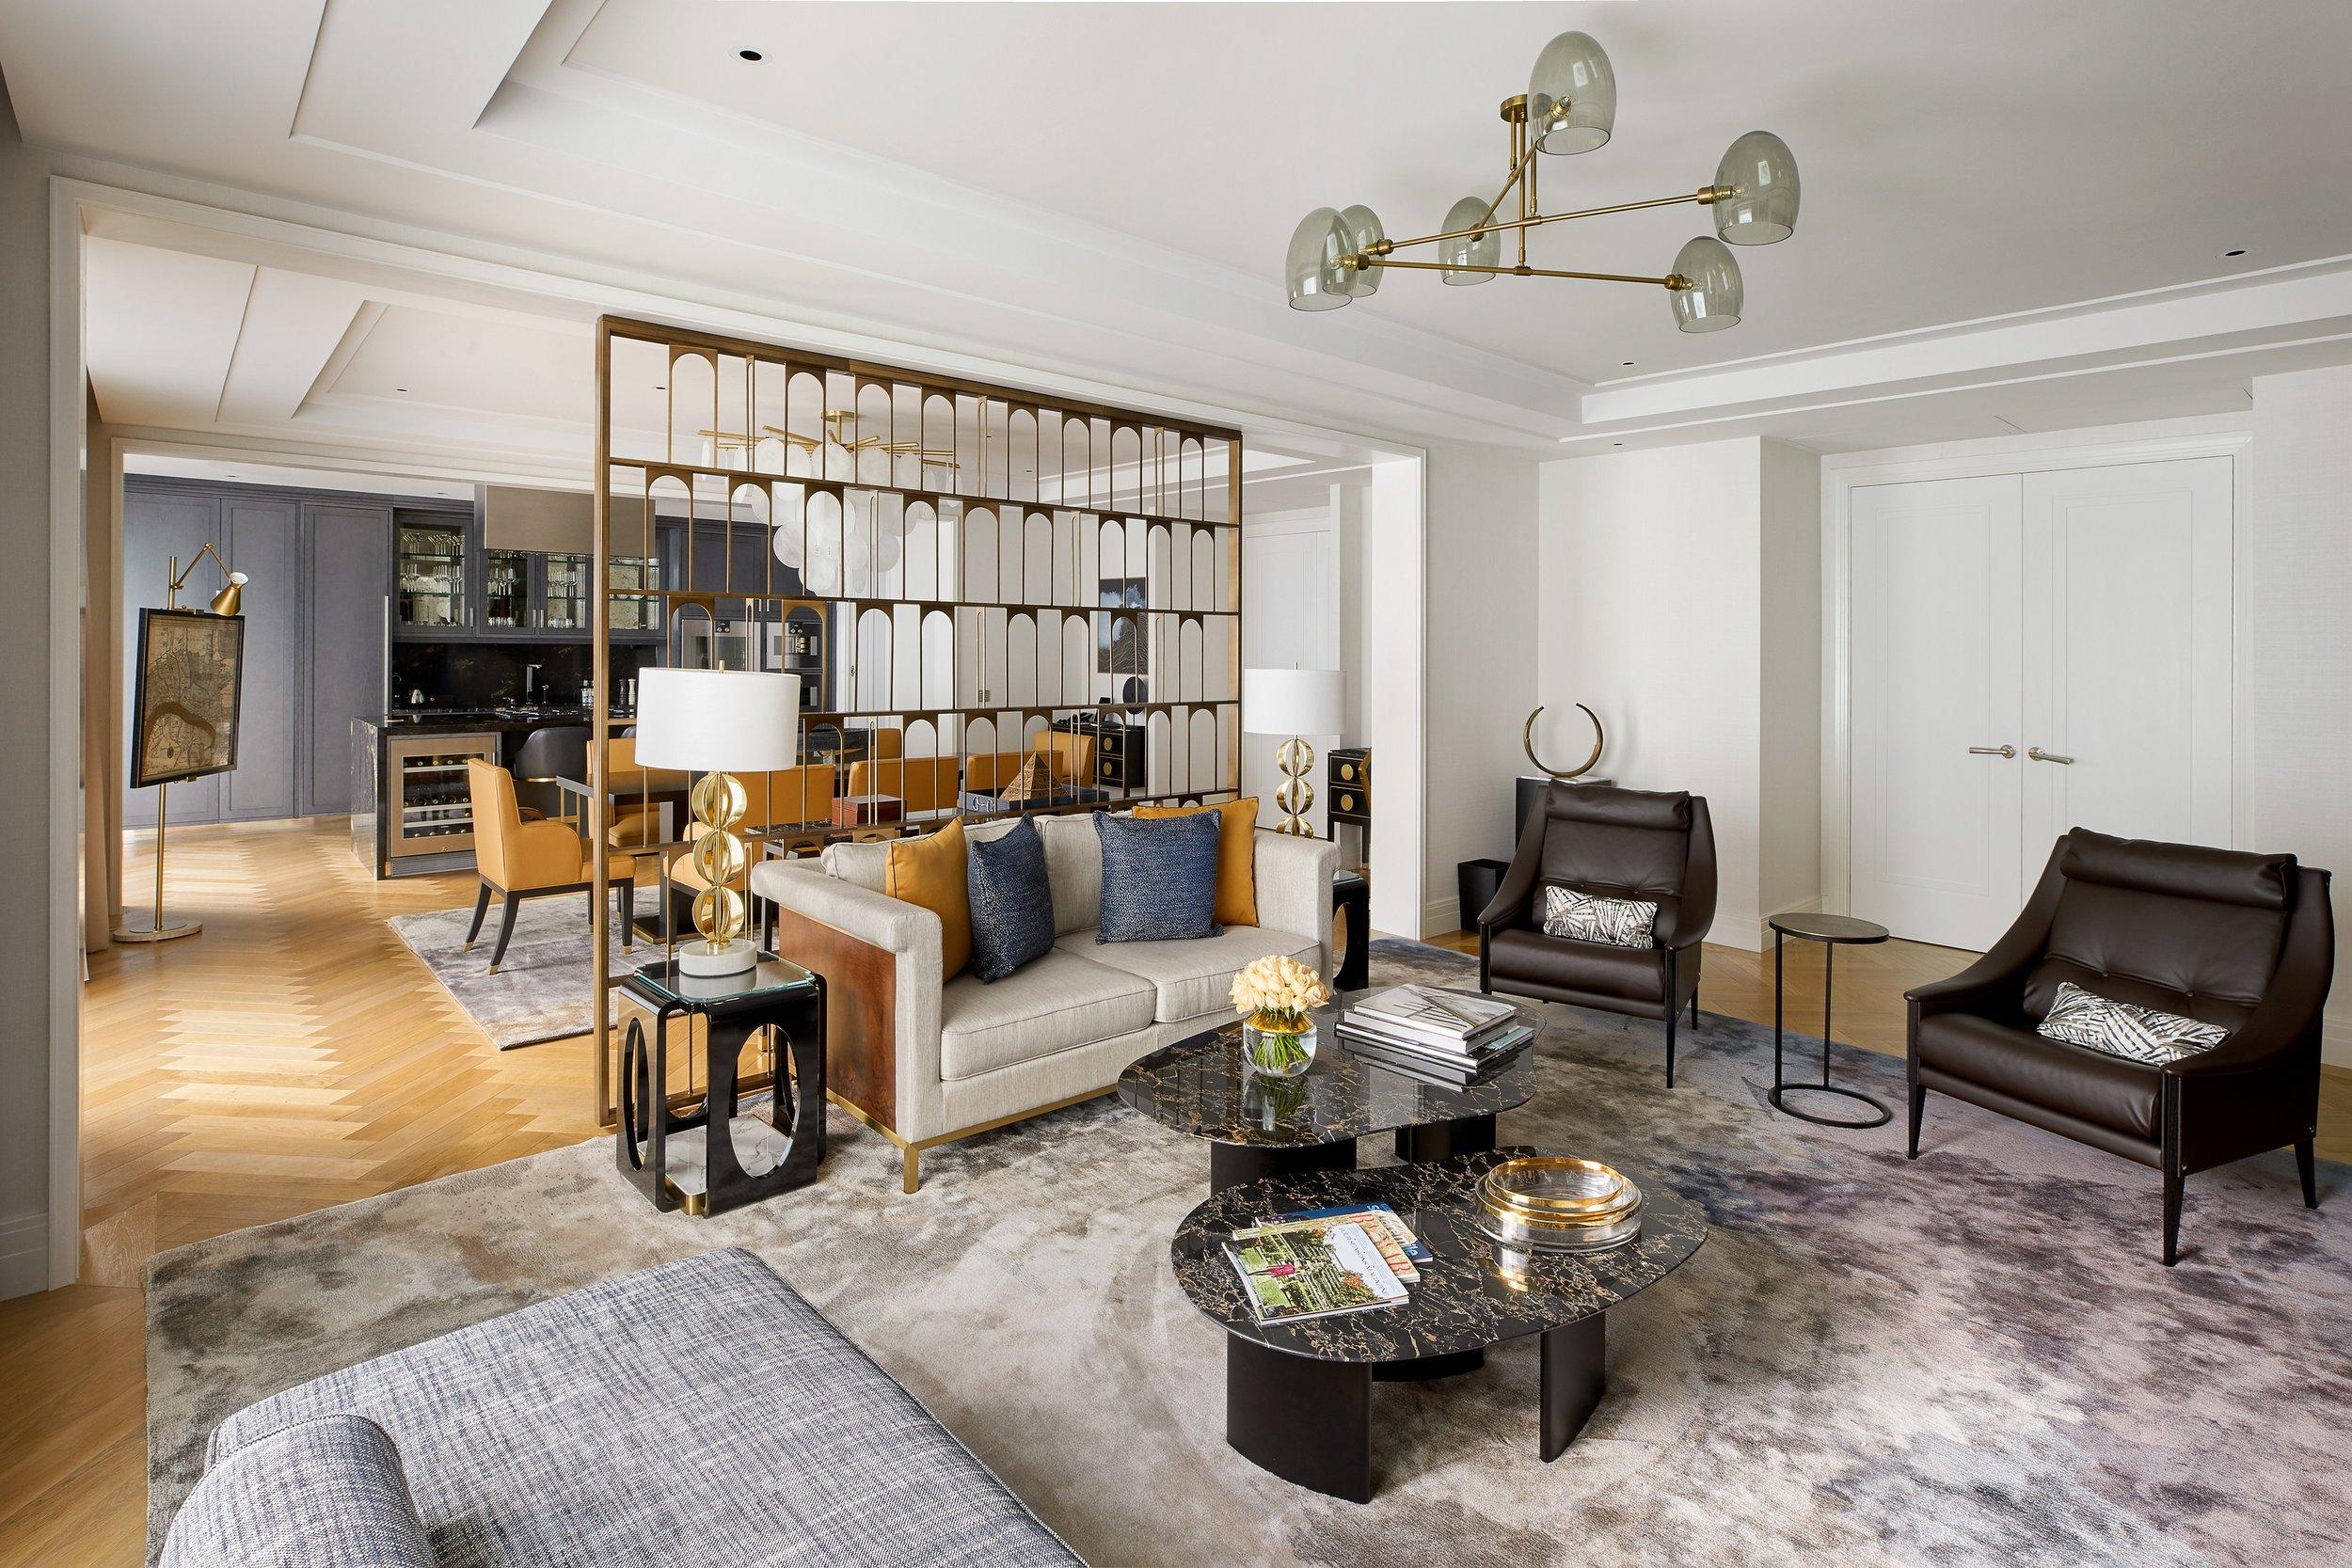 Design internazionale - A tende chiuse si può immaginare di trovarsi in un lussuoso attico a Tribeca, New York, piuttosto che nel mezzo del quartiere finanziario di Shangai.